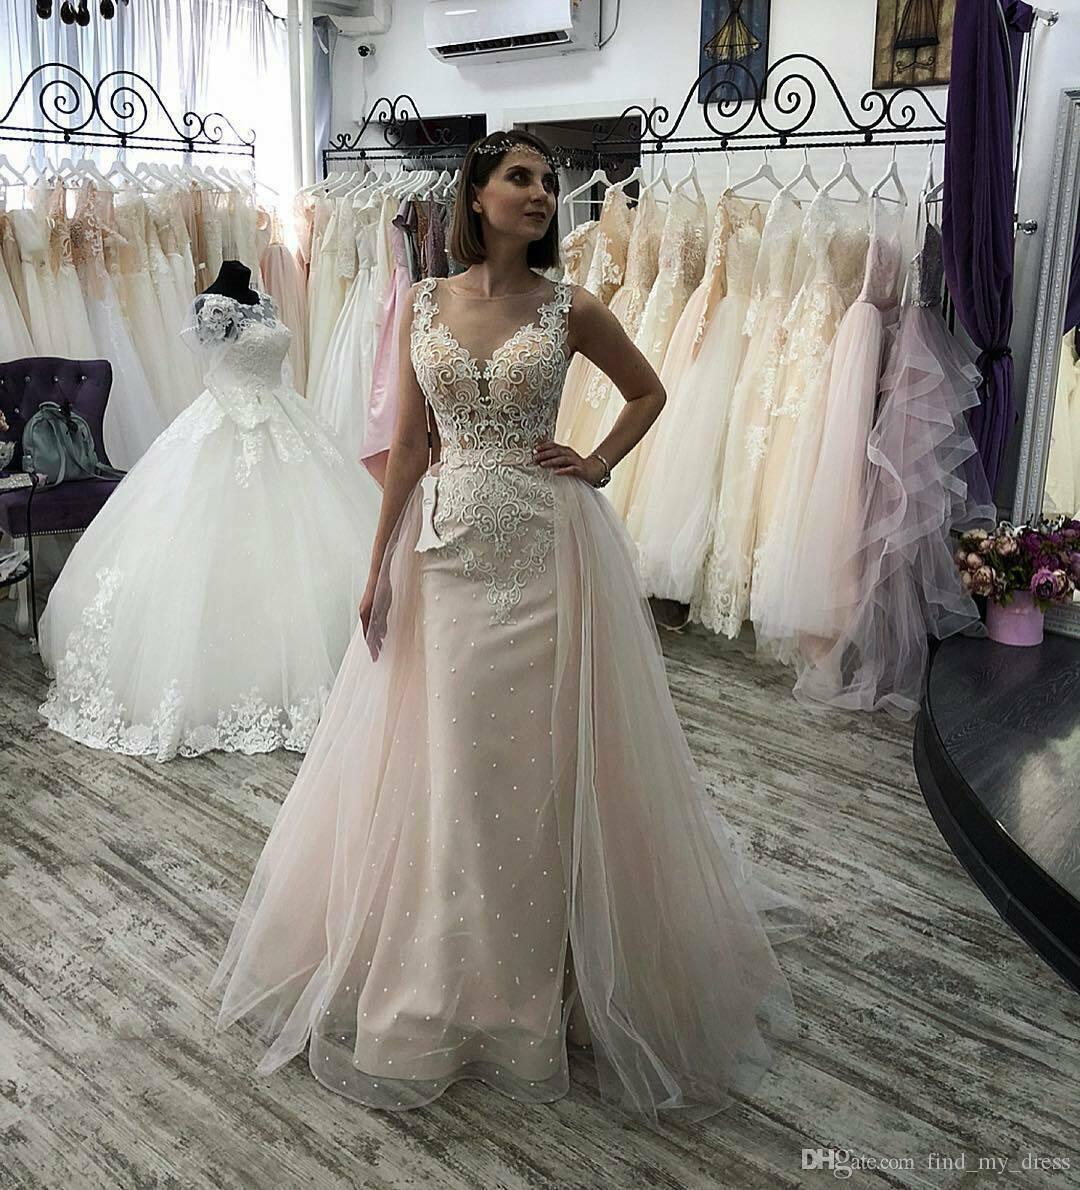 Großhandel Bunte 18d Spitze Frauen Neue Mantel Backless Hochzeitskleid  Strand Sommer Tüll Brautkleider Perlen Applikationen Sexy Durchsichtig Mode  Von